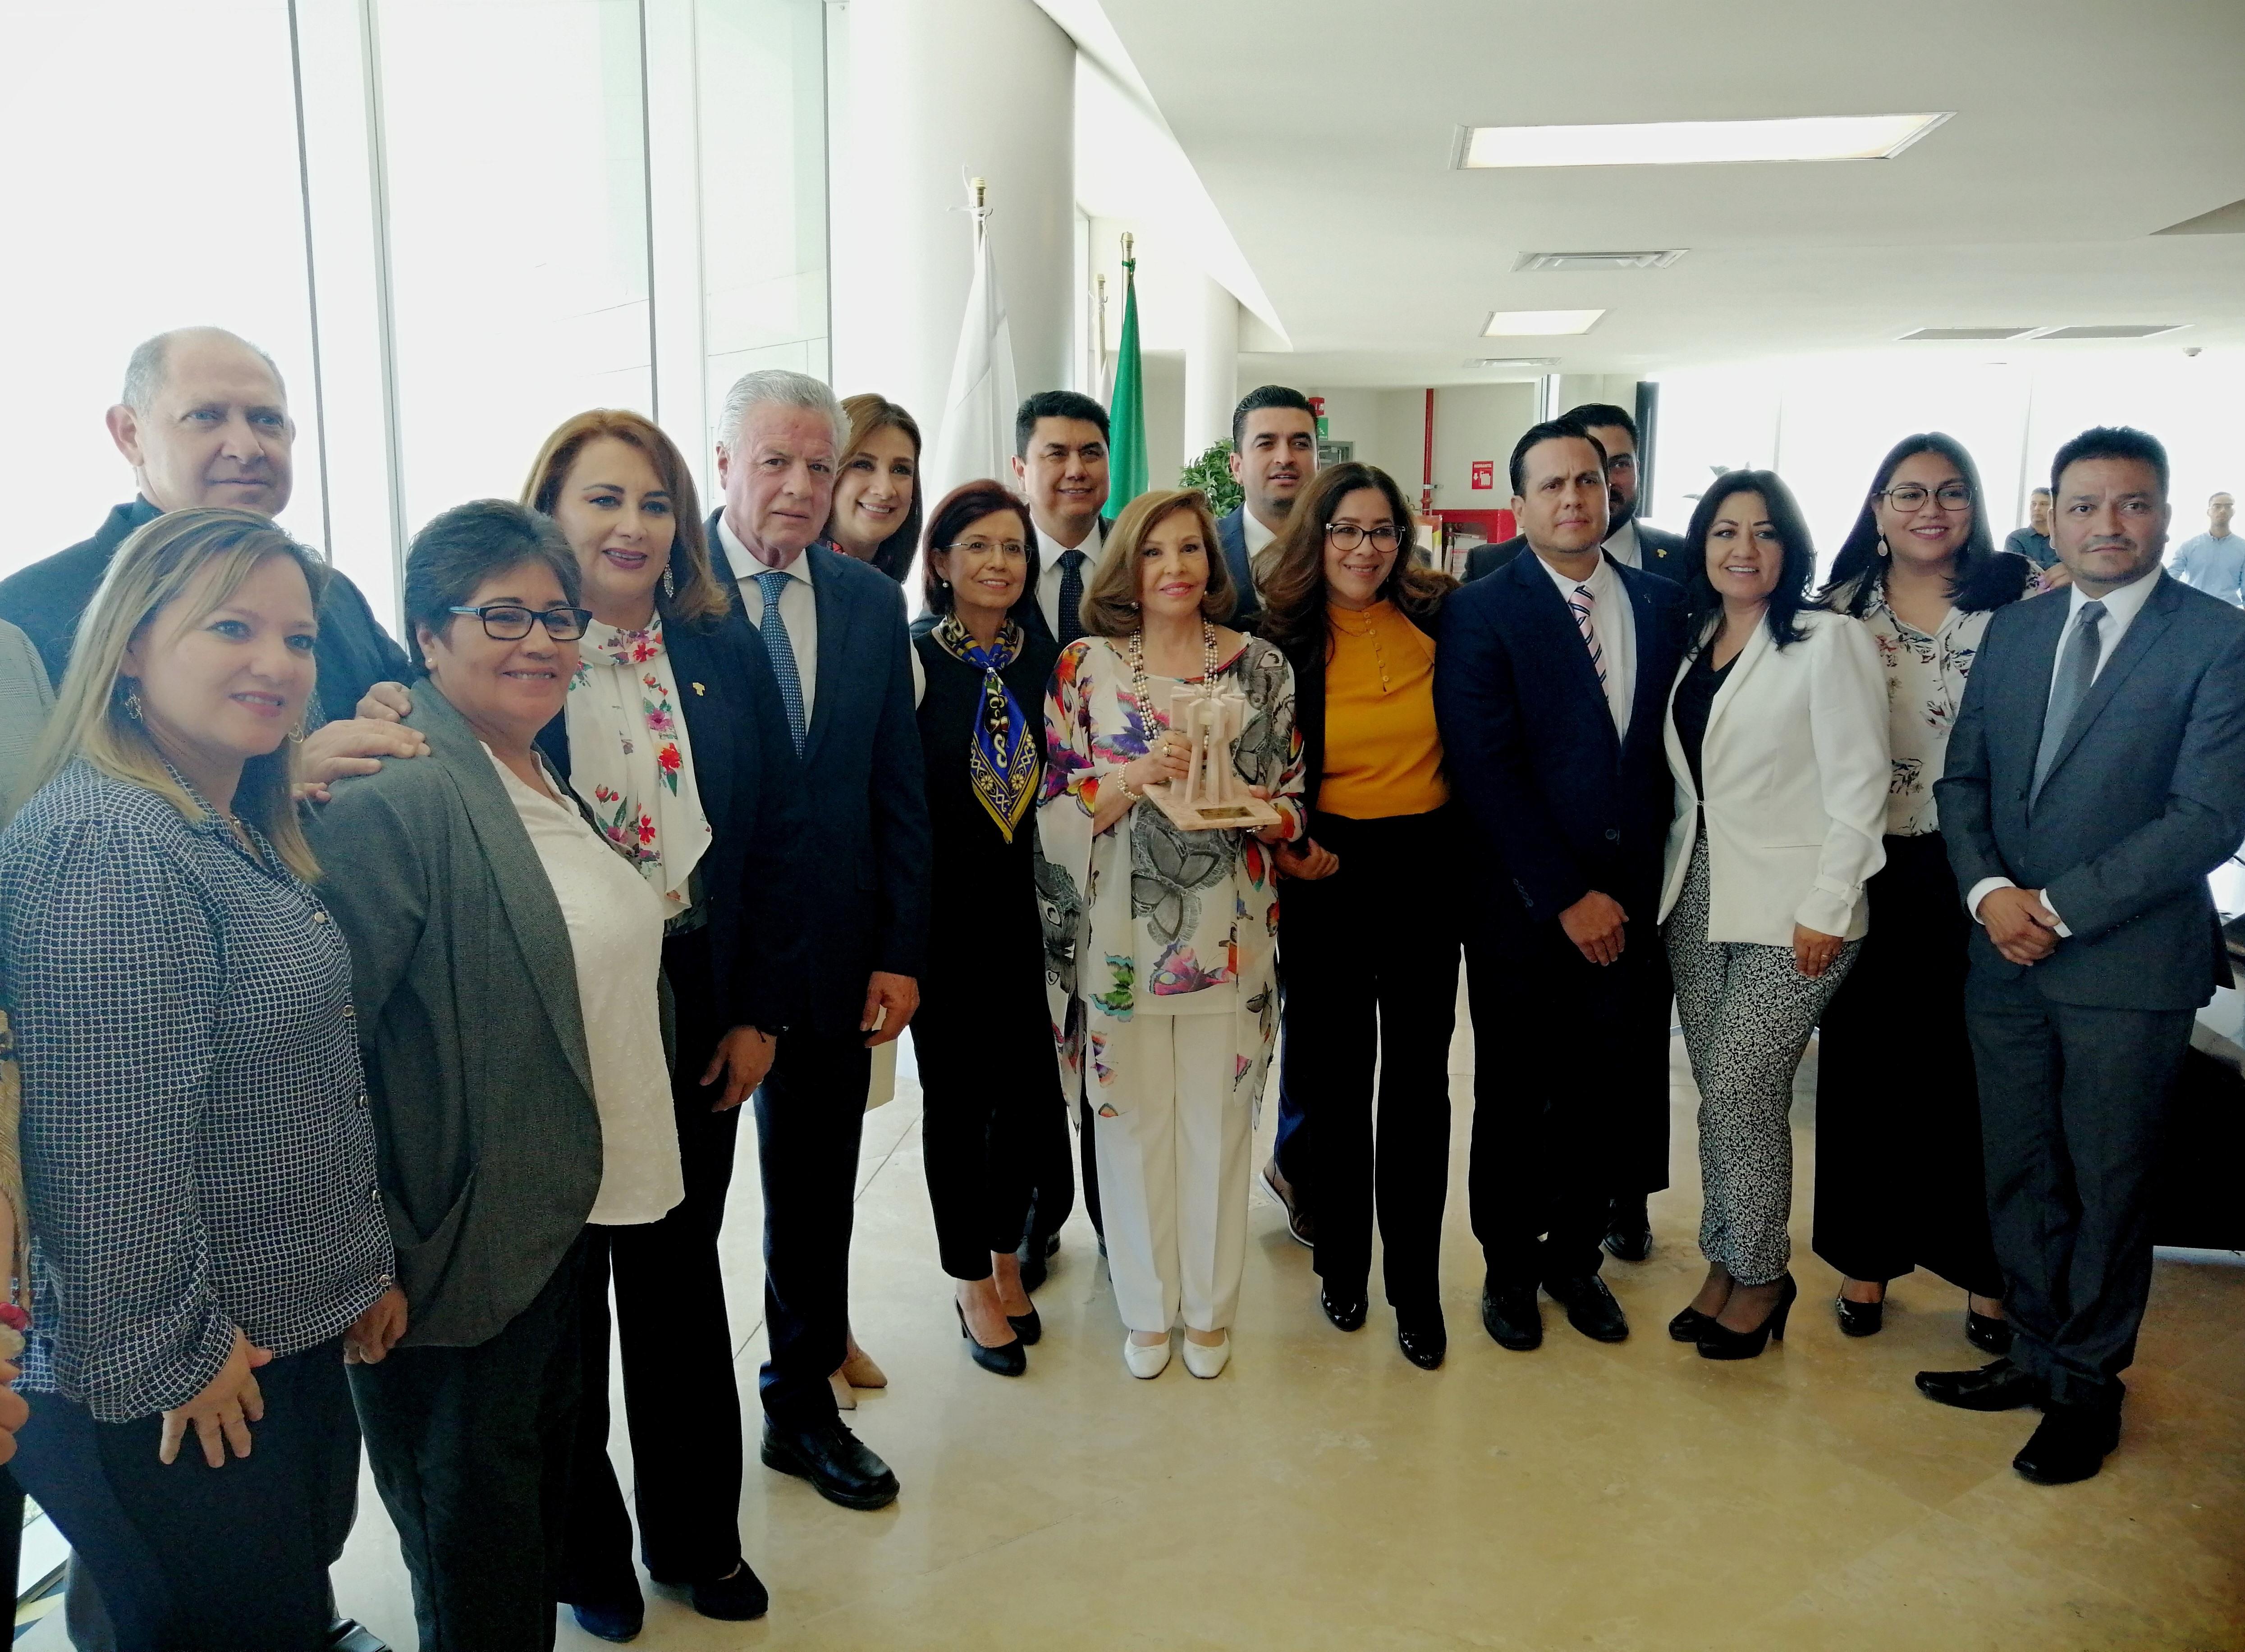 Torreón, entrega las llaves de la ciudad a la Sra. Kena Moreno